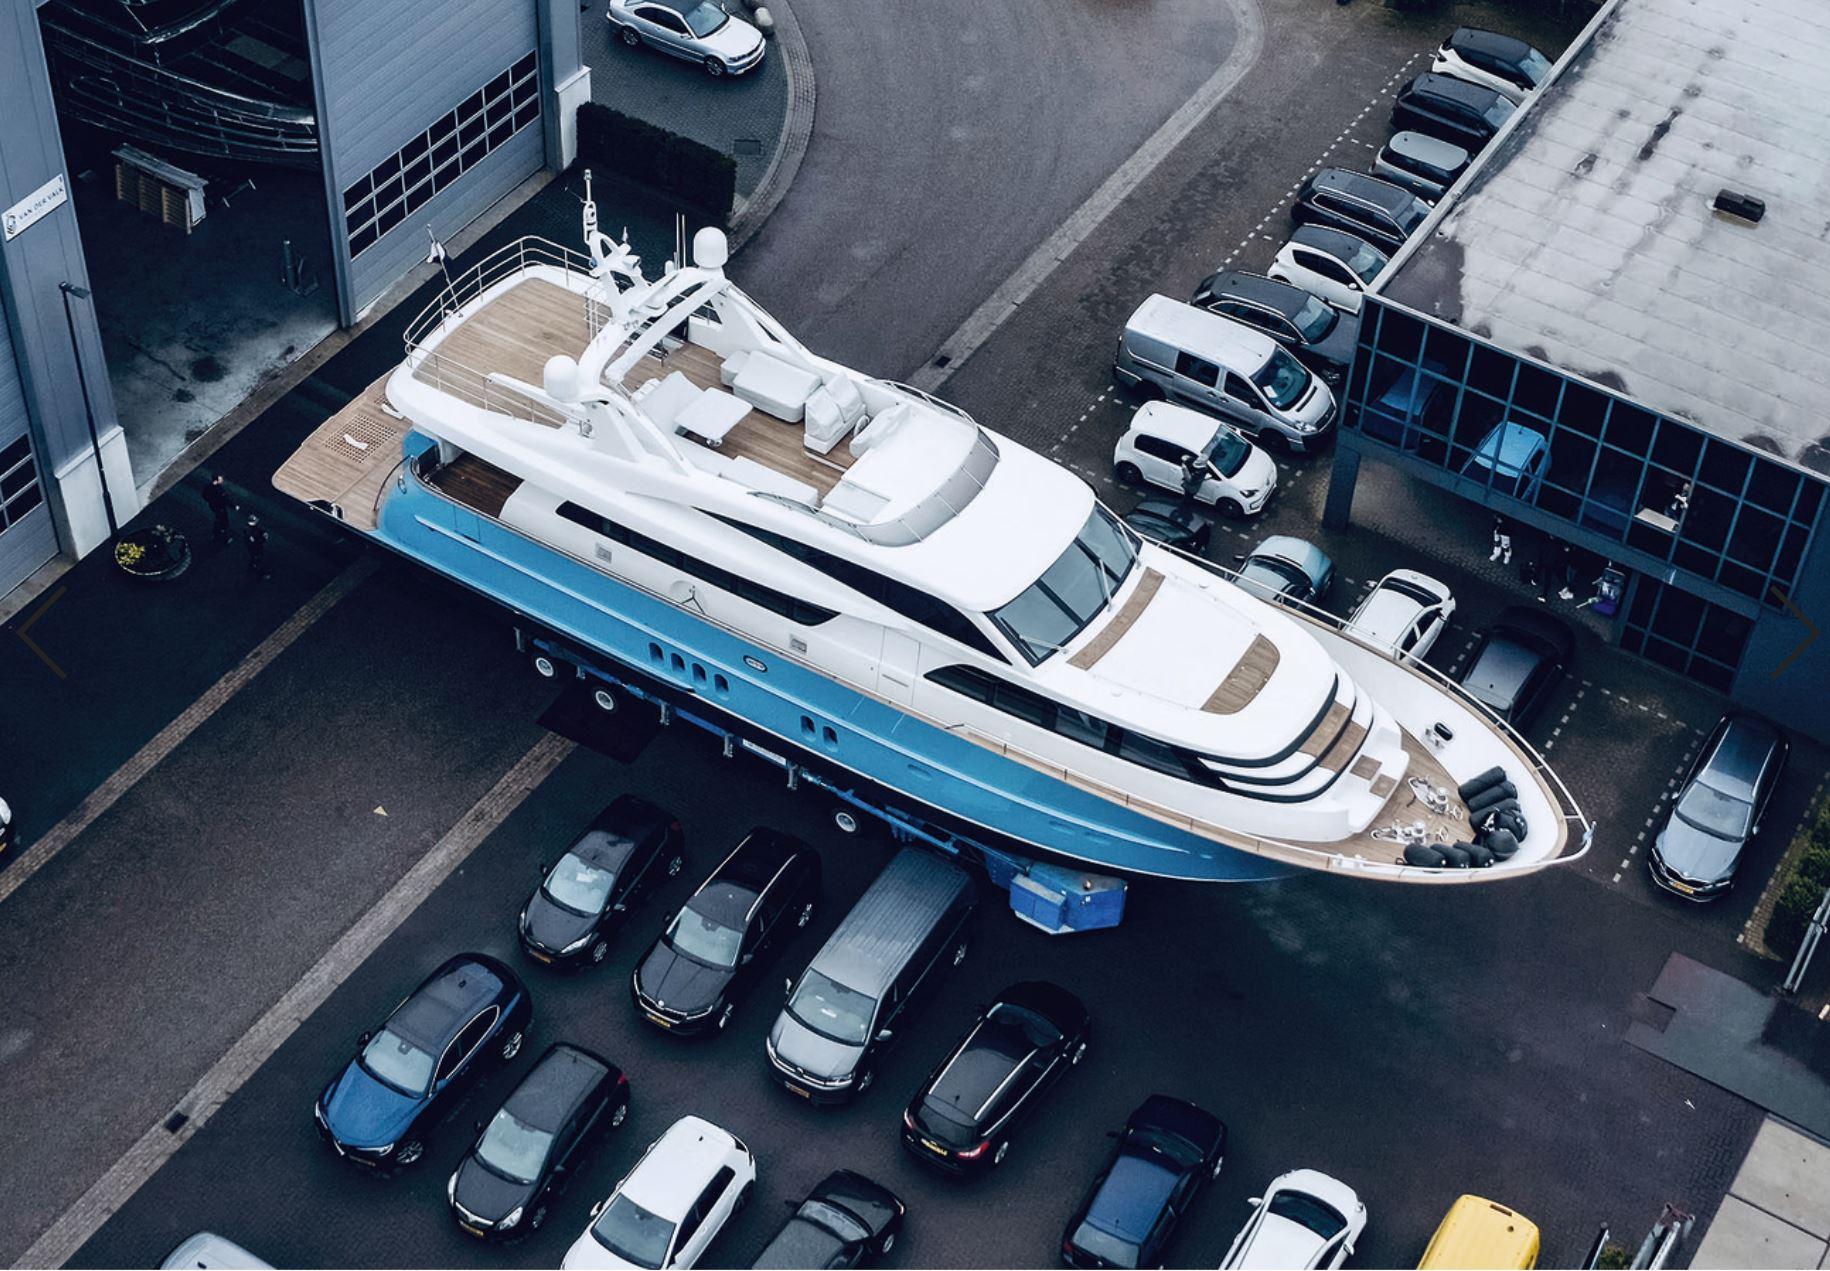 Моторная яхта Helga (Van der Valk, 26 м) снеобычным небесно-голубым корпусом готовится сойти наводу